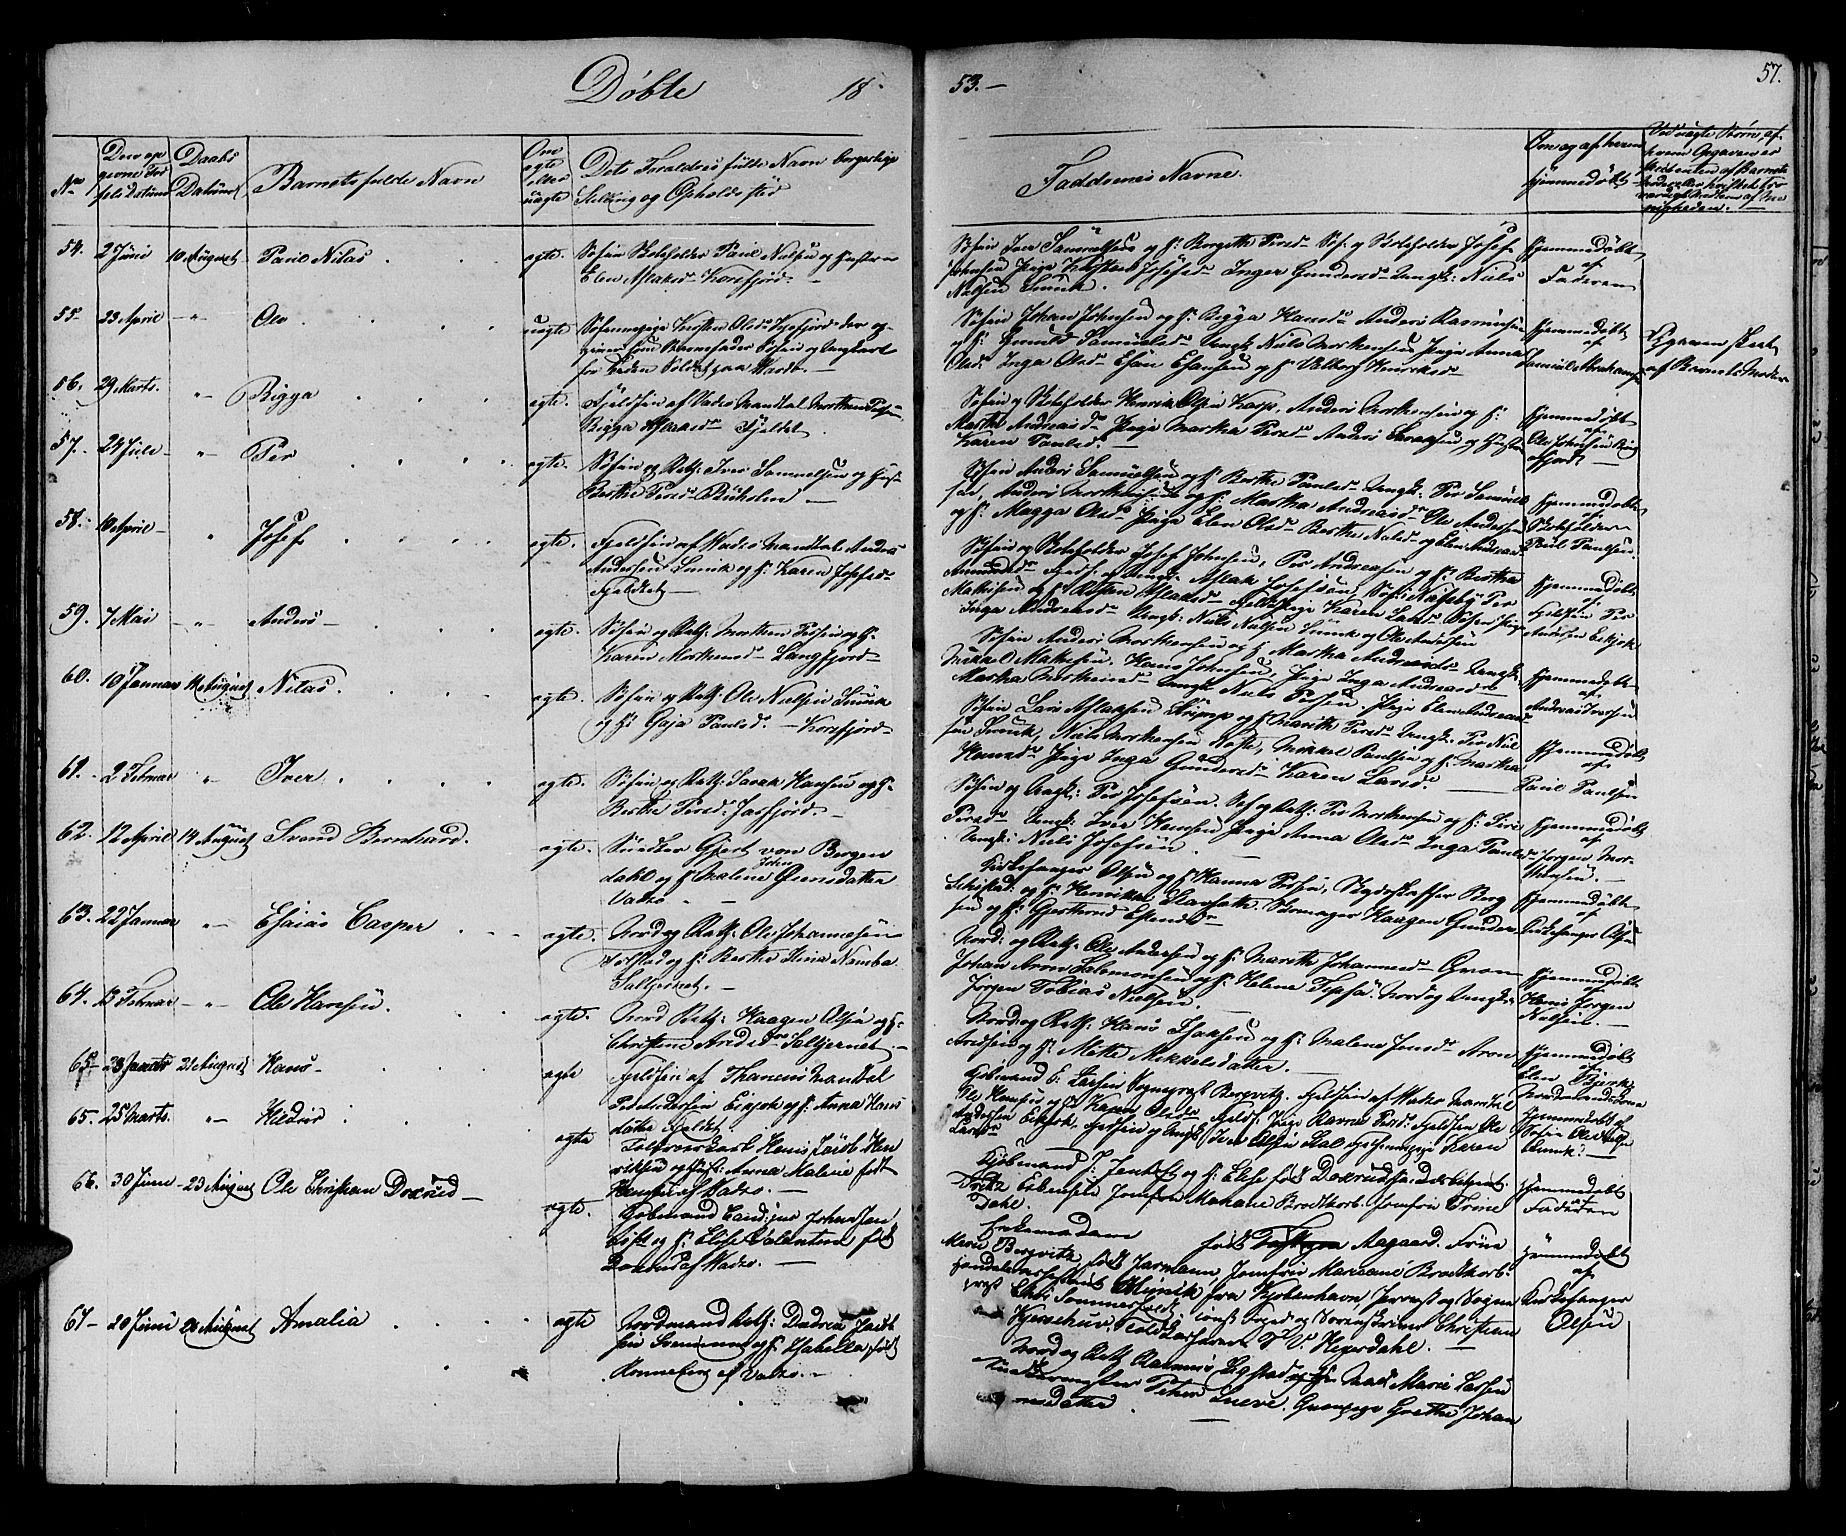 SATØ, Vadsø sokneprestkontor, H/Hb/L0001klokker: Klokkerbok nr. 1, 1843-1853, s. 57